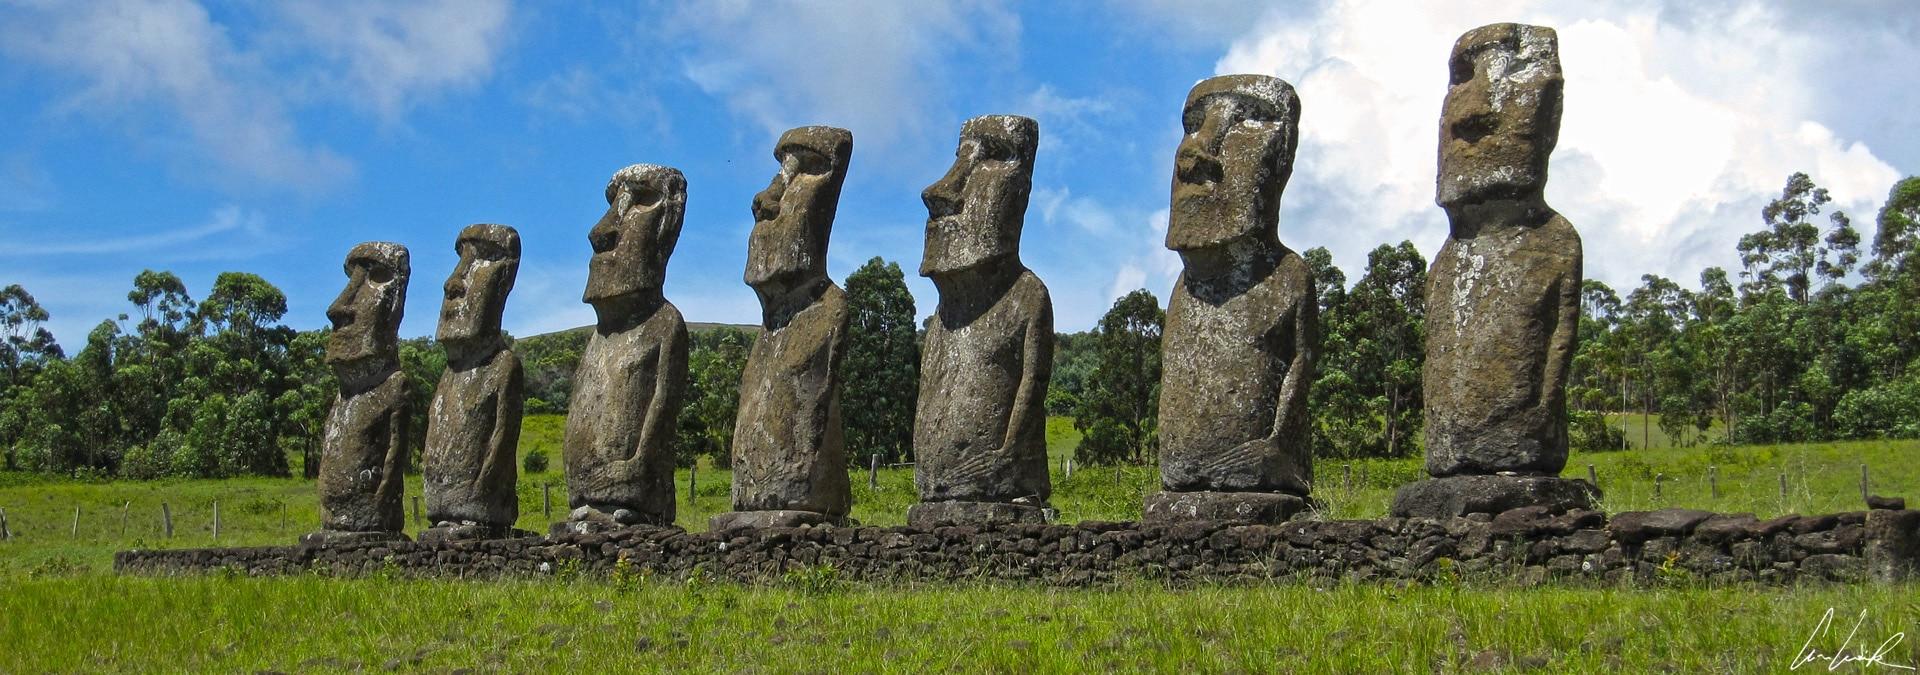 Sur l'île de Pâques, l'Ahu Akivi, avec ses sept Moaï, rompt avec la tradition. Cet Ahu est construit dans les terres et ses Moaï regardent vers l'océan